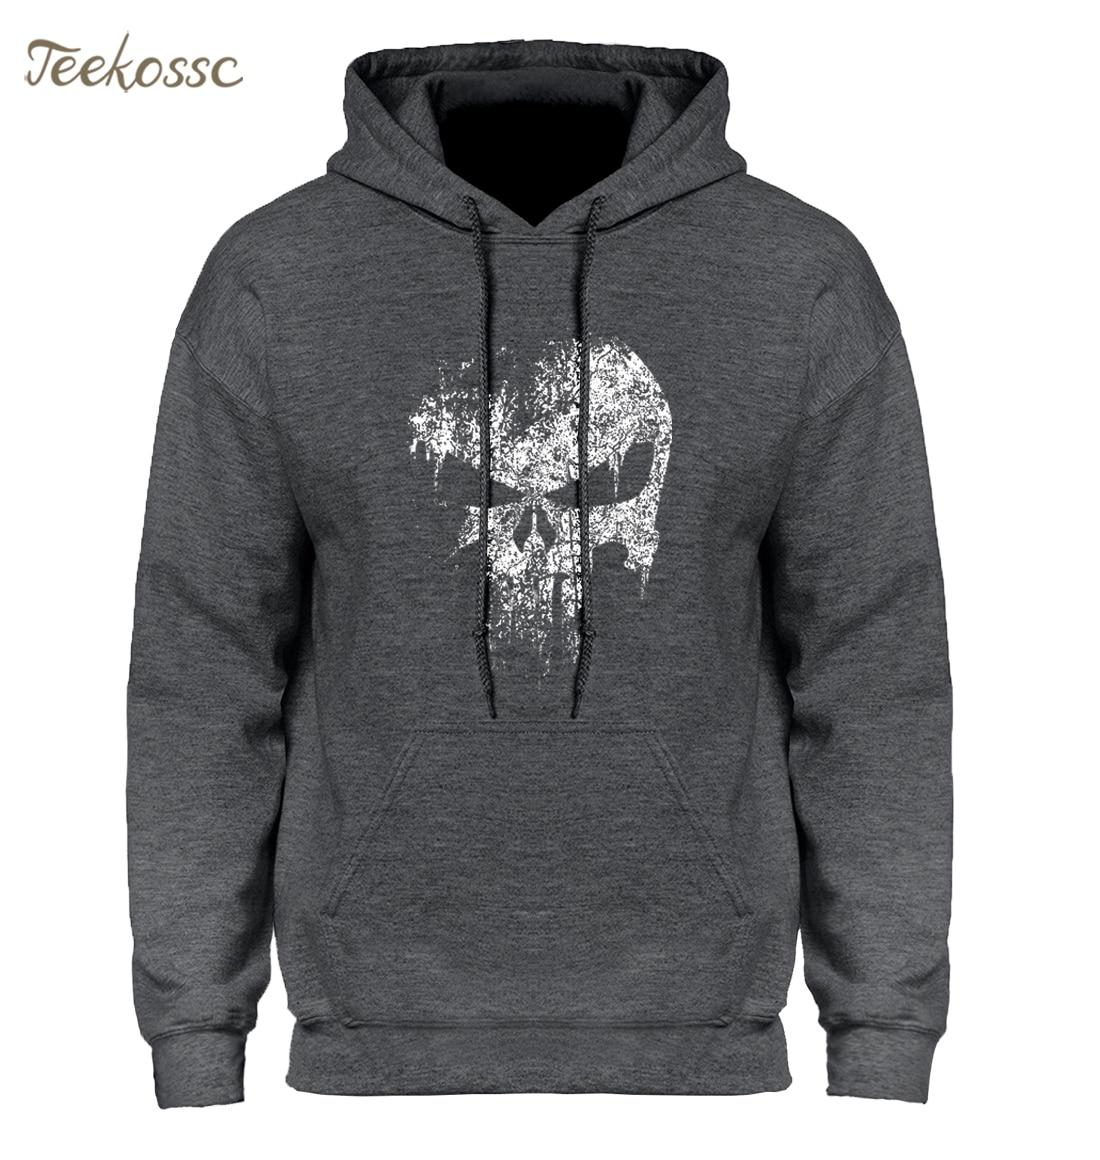 Skull Print Super Hero Hoodie Hoodies Sweatshirt Men 2018 New Brand Winter Autumn Hooded Hoody Hip Hop Streetwear